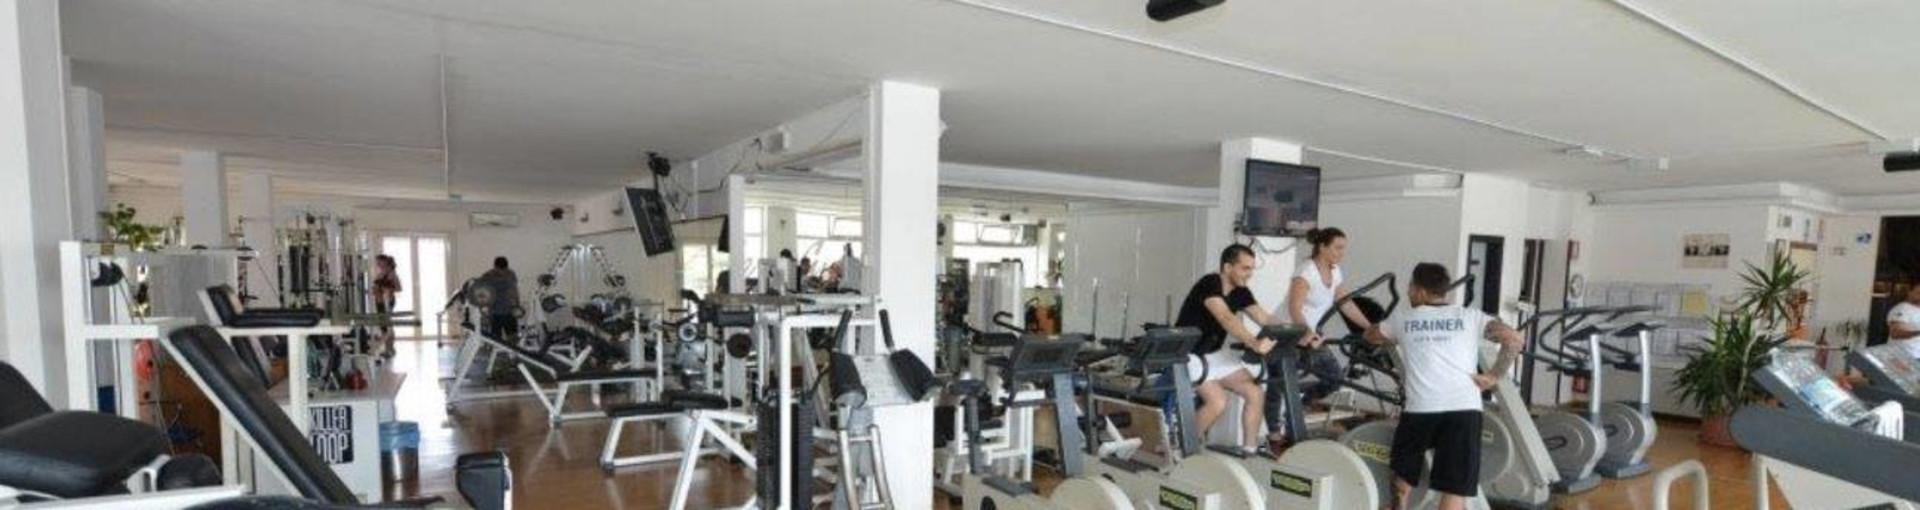 Muscle Gym - Riccione